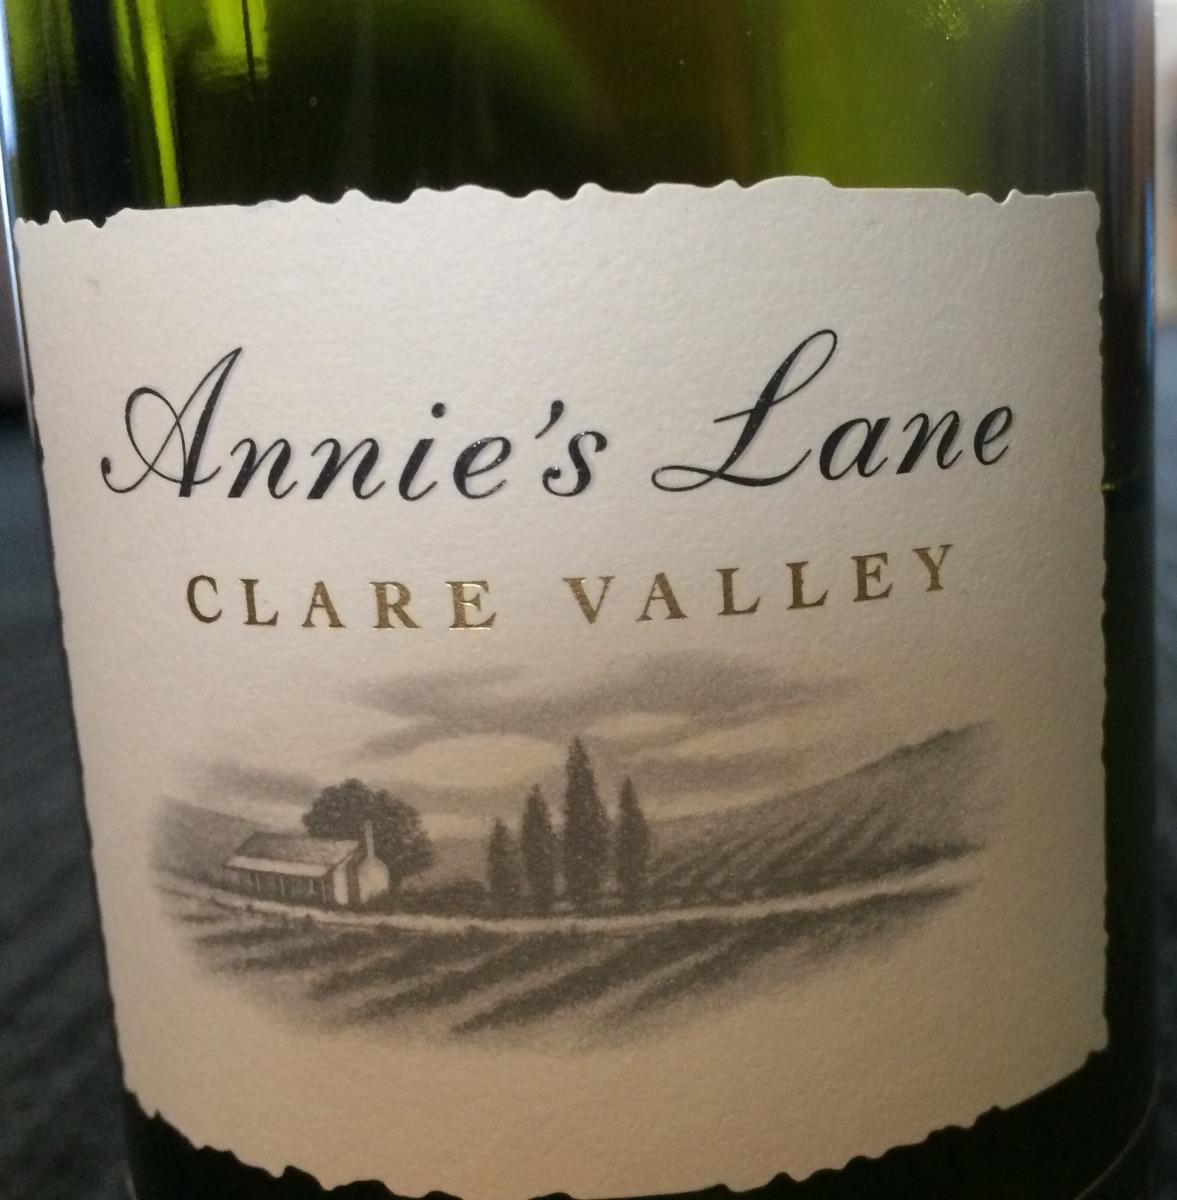 De wijngebieden rondom Adelaide zijn wereldberoemd